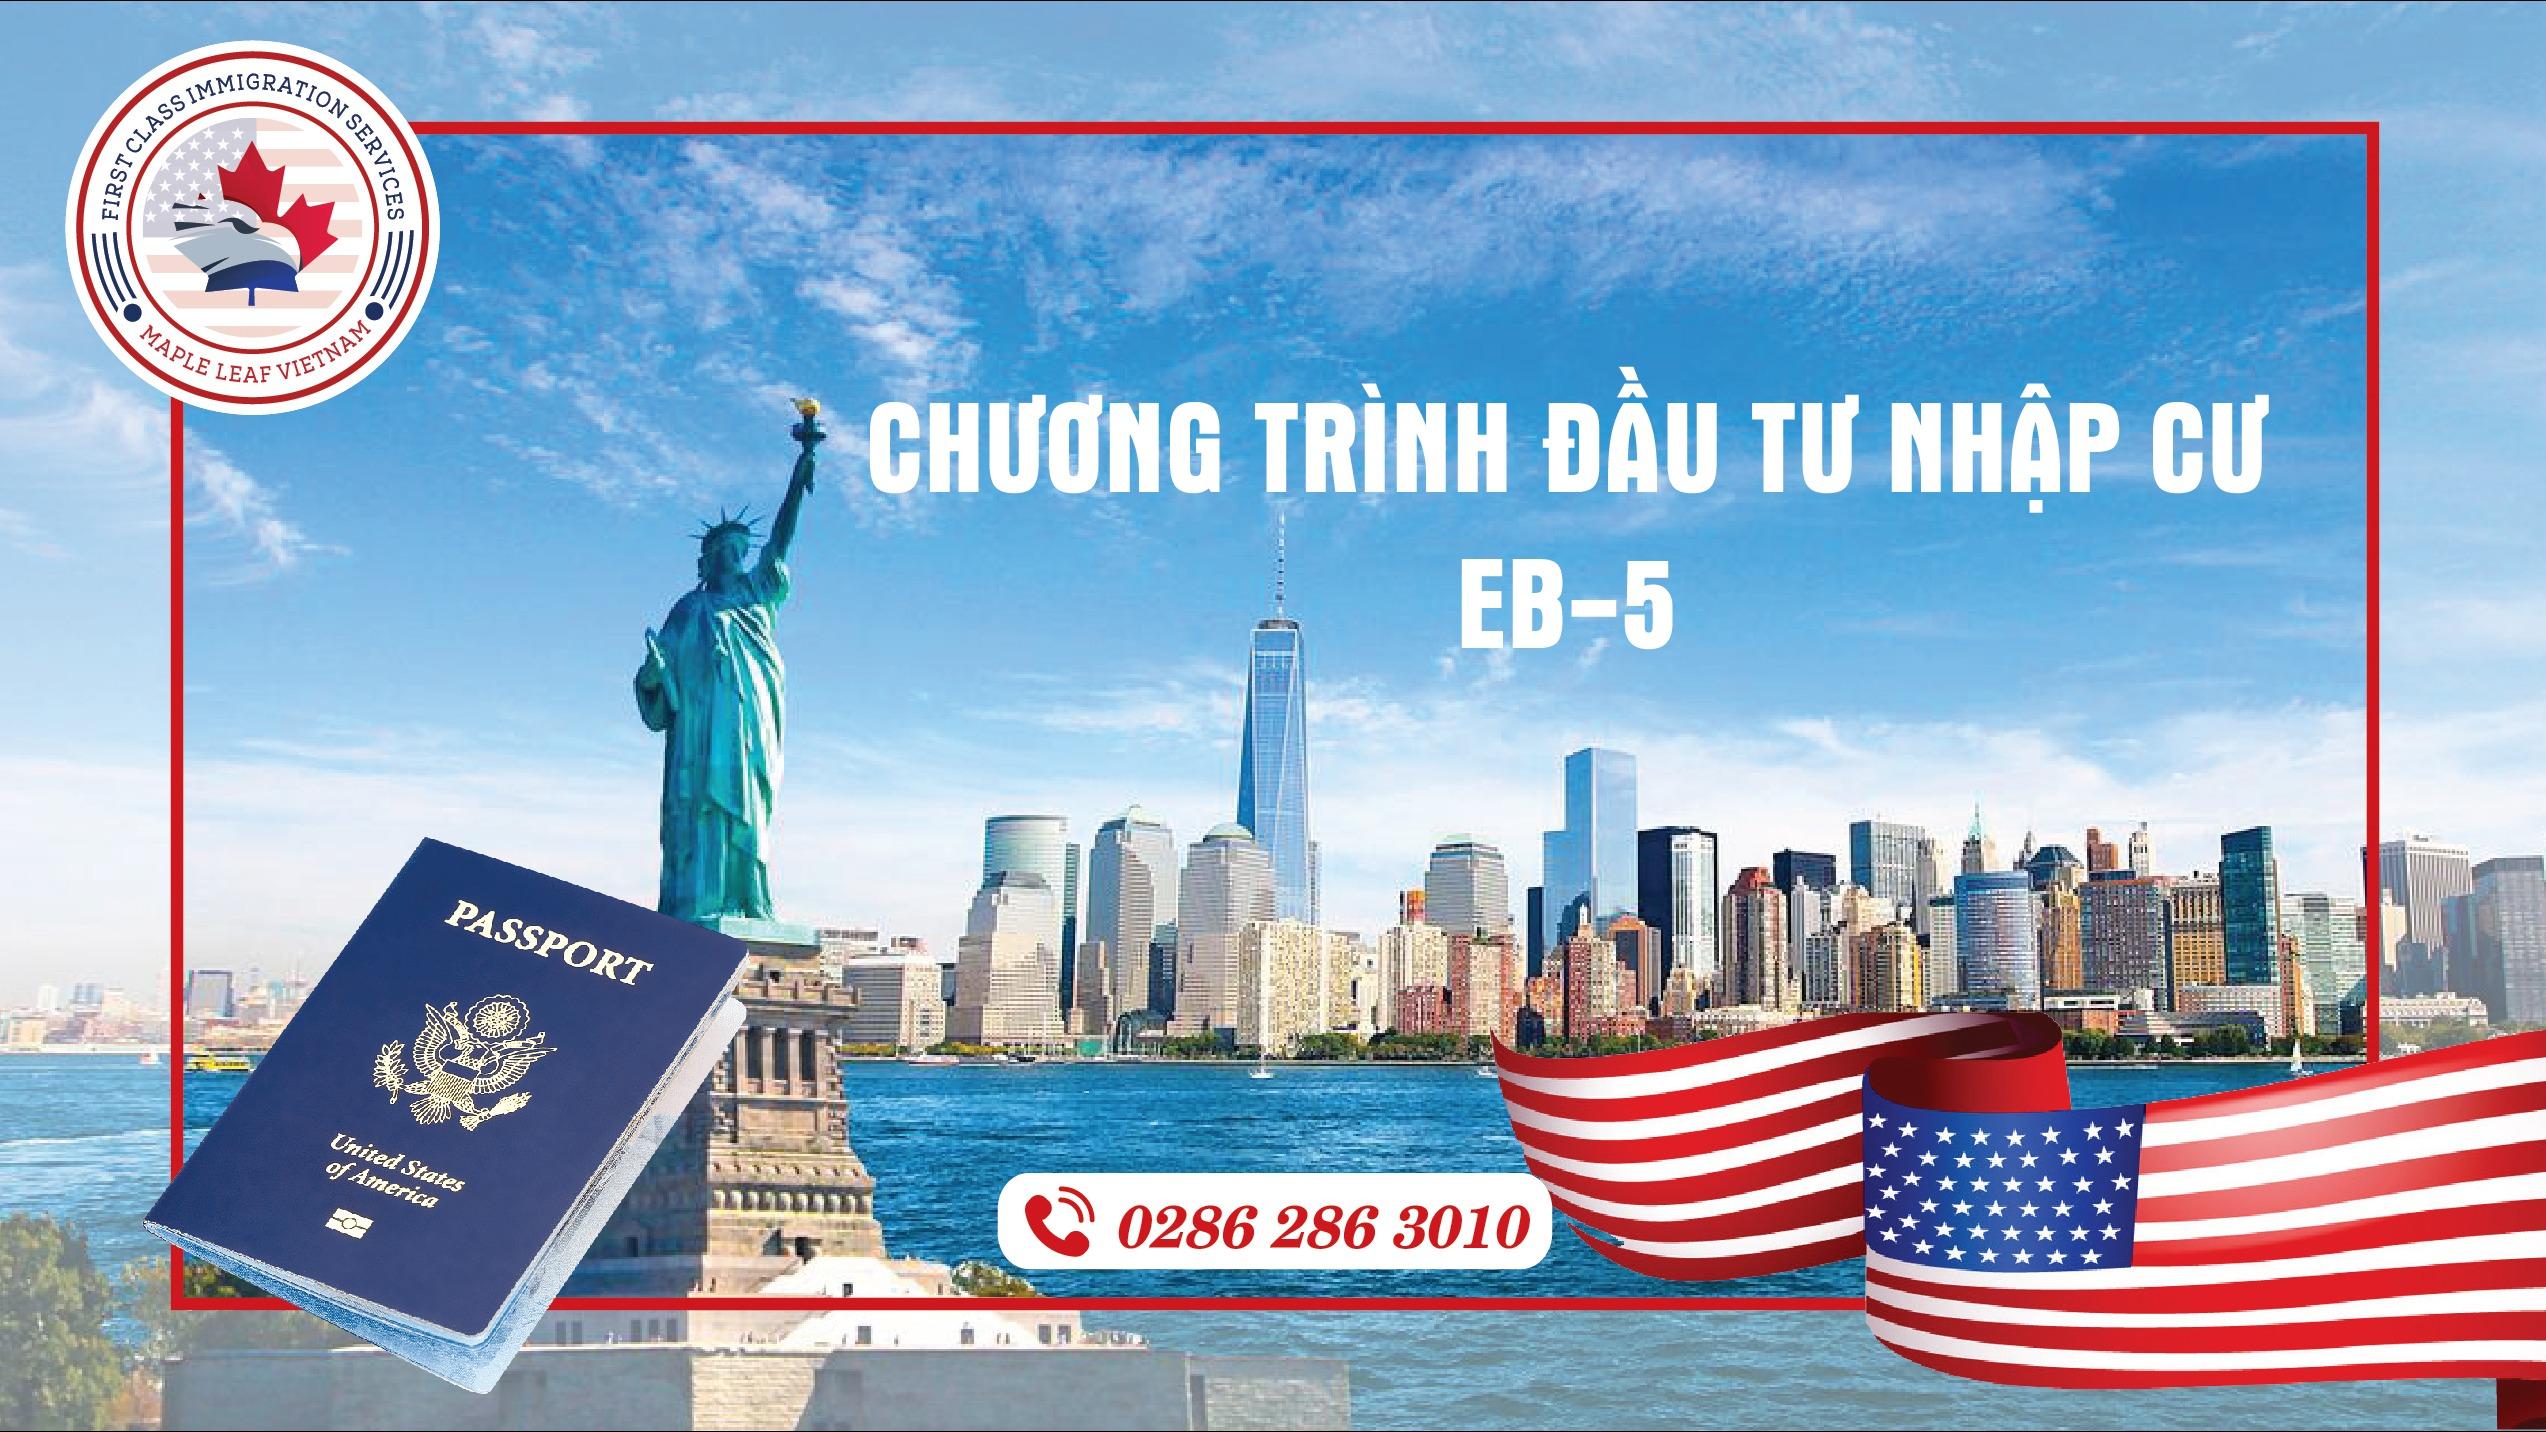 hieu-dung-ve-nhung-cap-nhat-cua-chuong-trinh-eb5